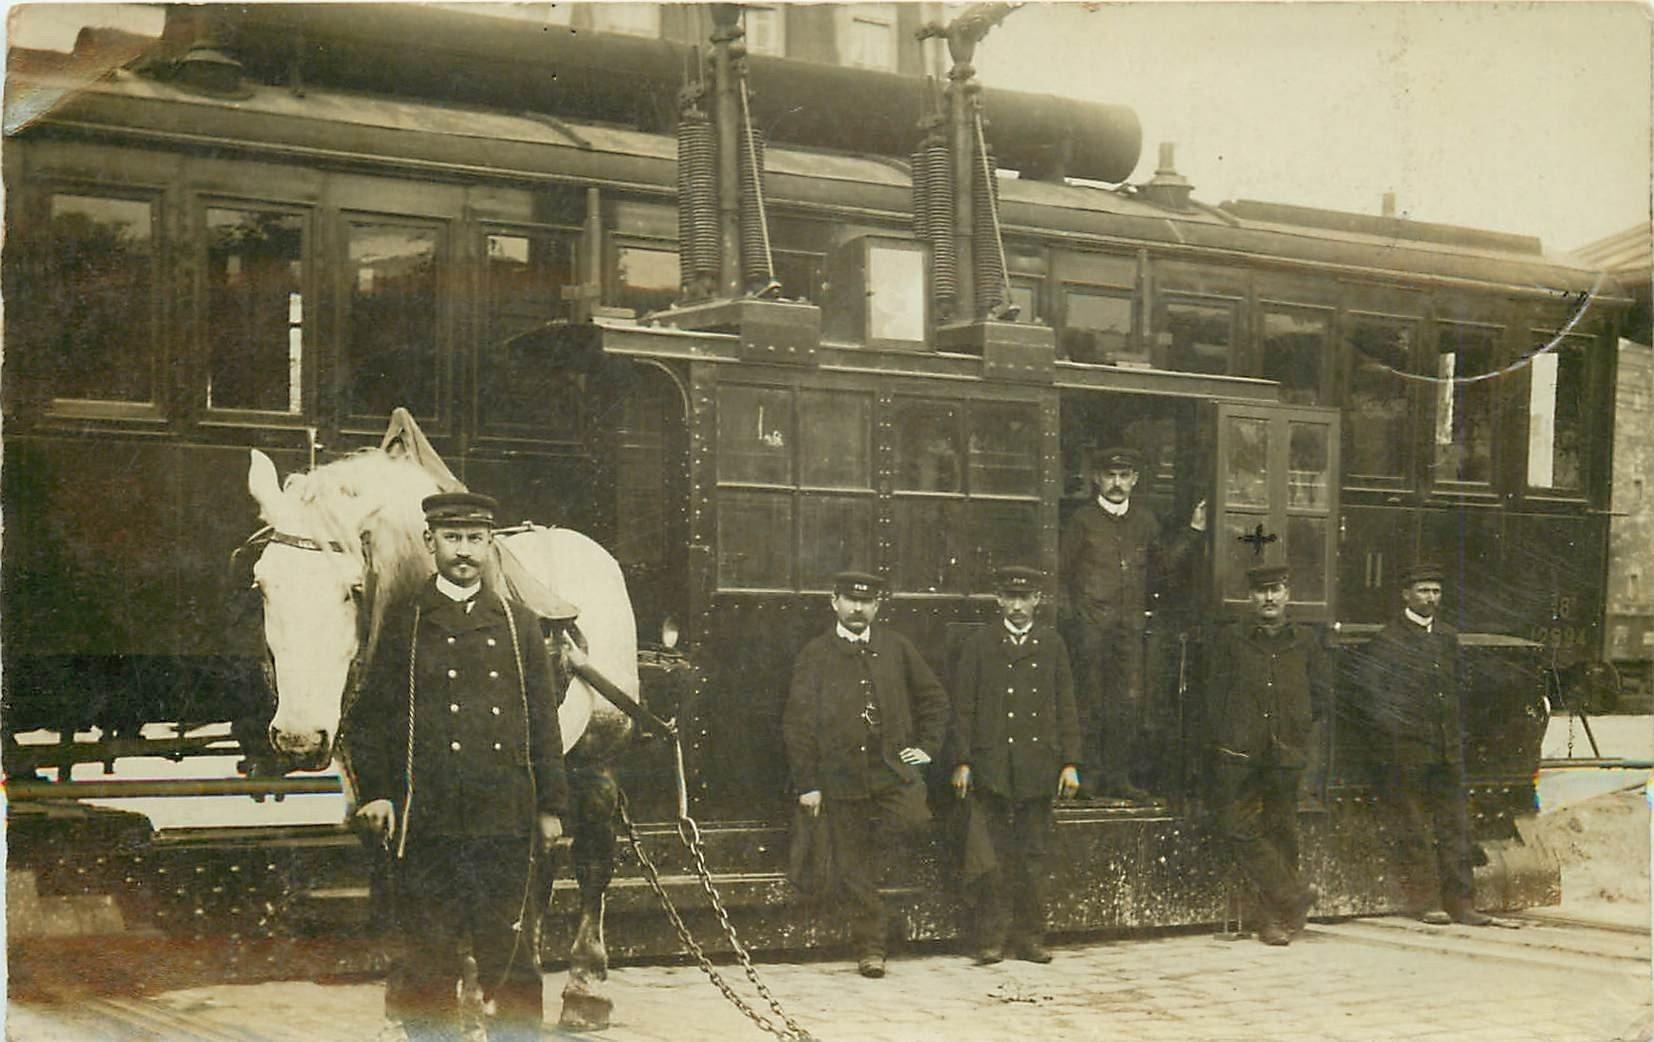 PONT TRANSBORDEUR. Compartiment d'un Train P.L.M pour changement de voie par traction animal et électrique